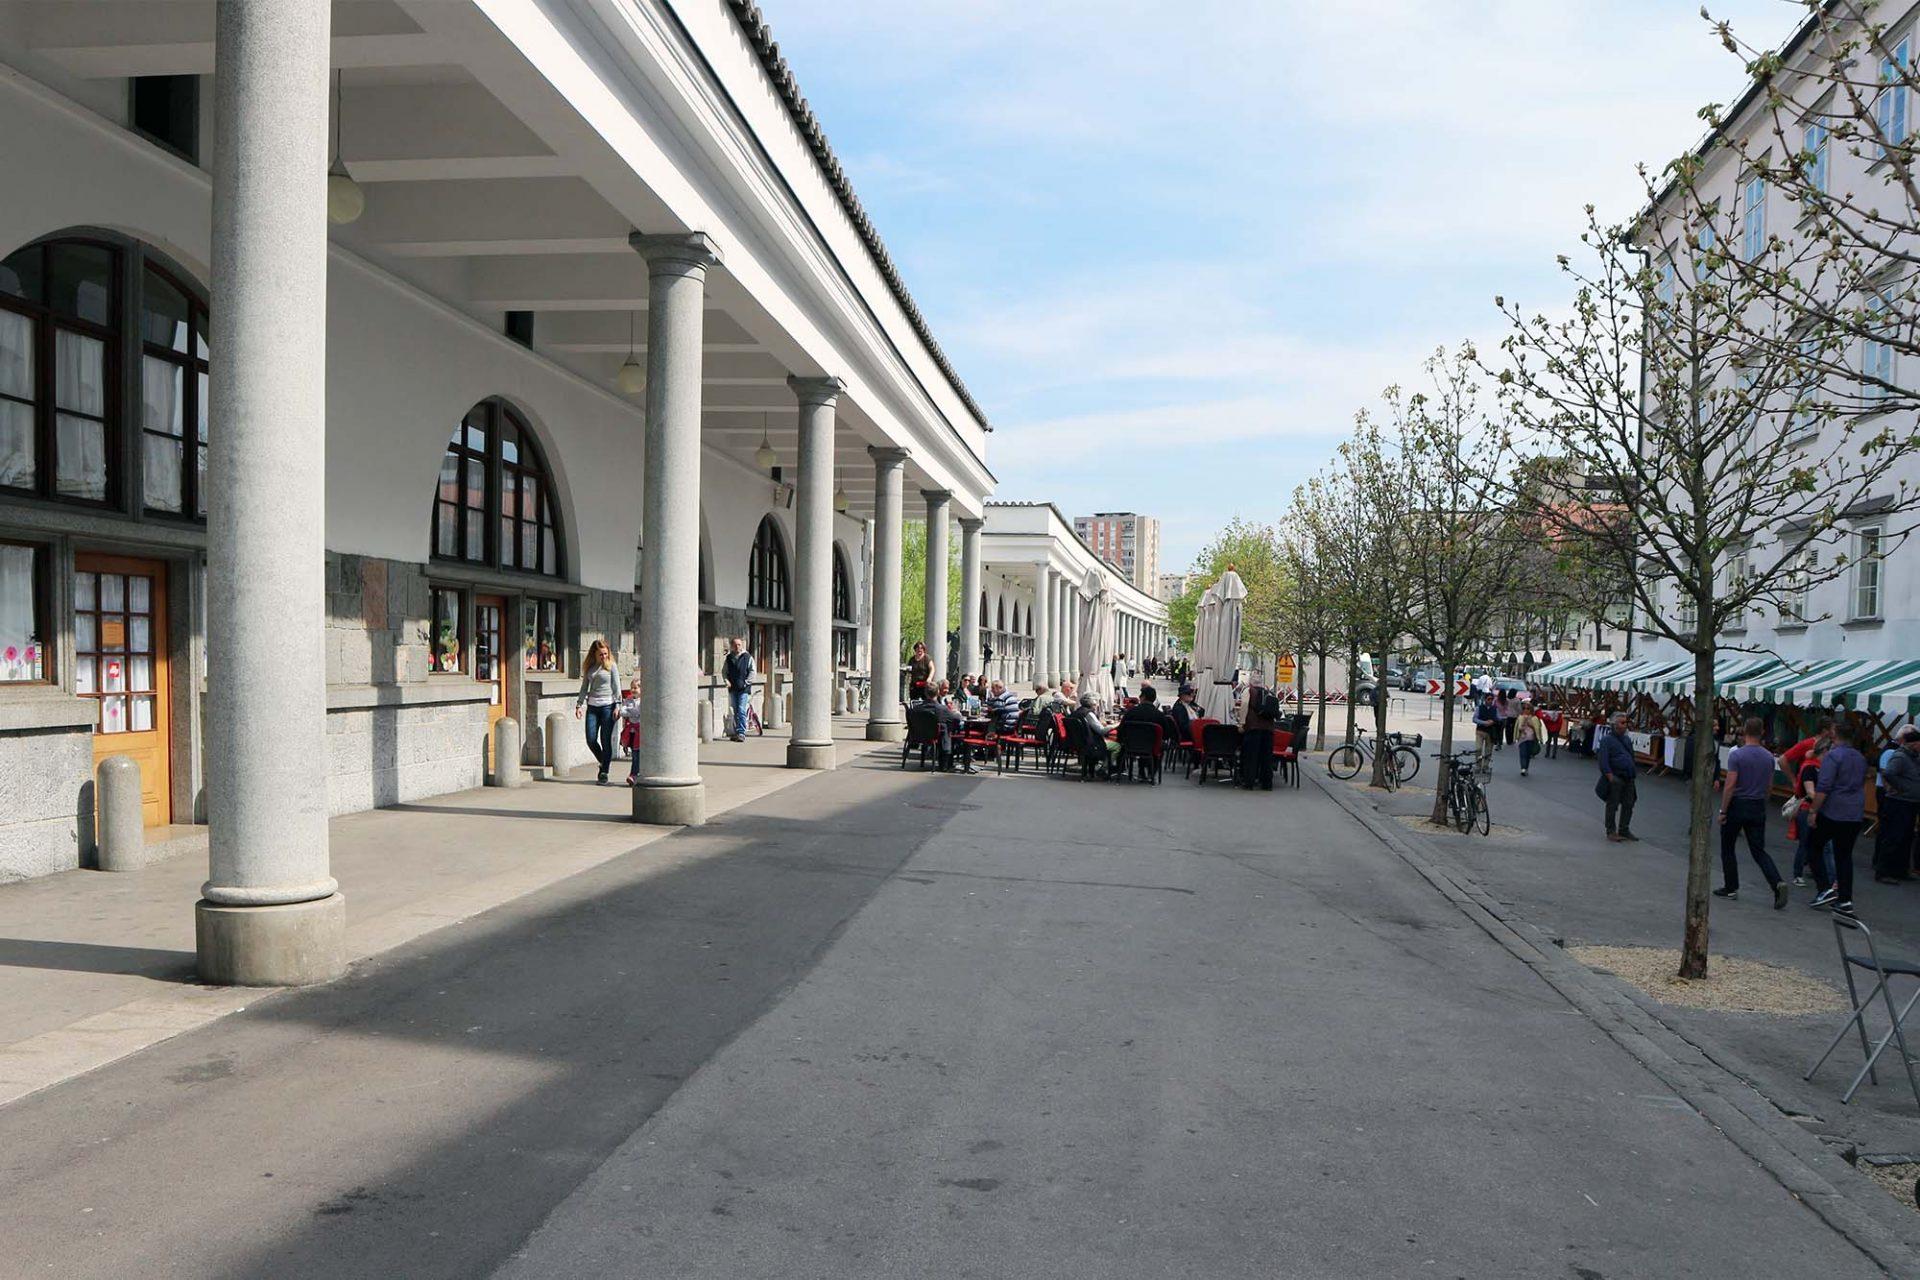 Markthallen. Zur Stadt hin öffnen sich Kolonnaden. Täglich finden hier wechselnde Märkte statt, darunter der kulinarische Food Market am Freitag.